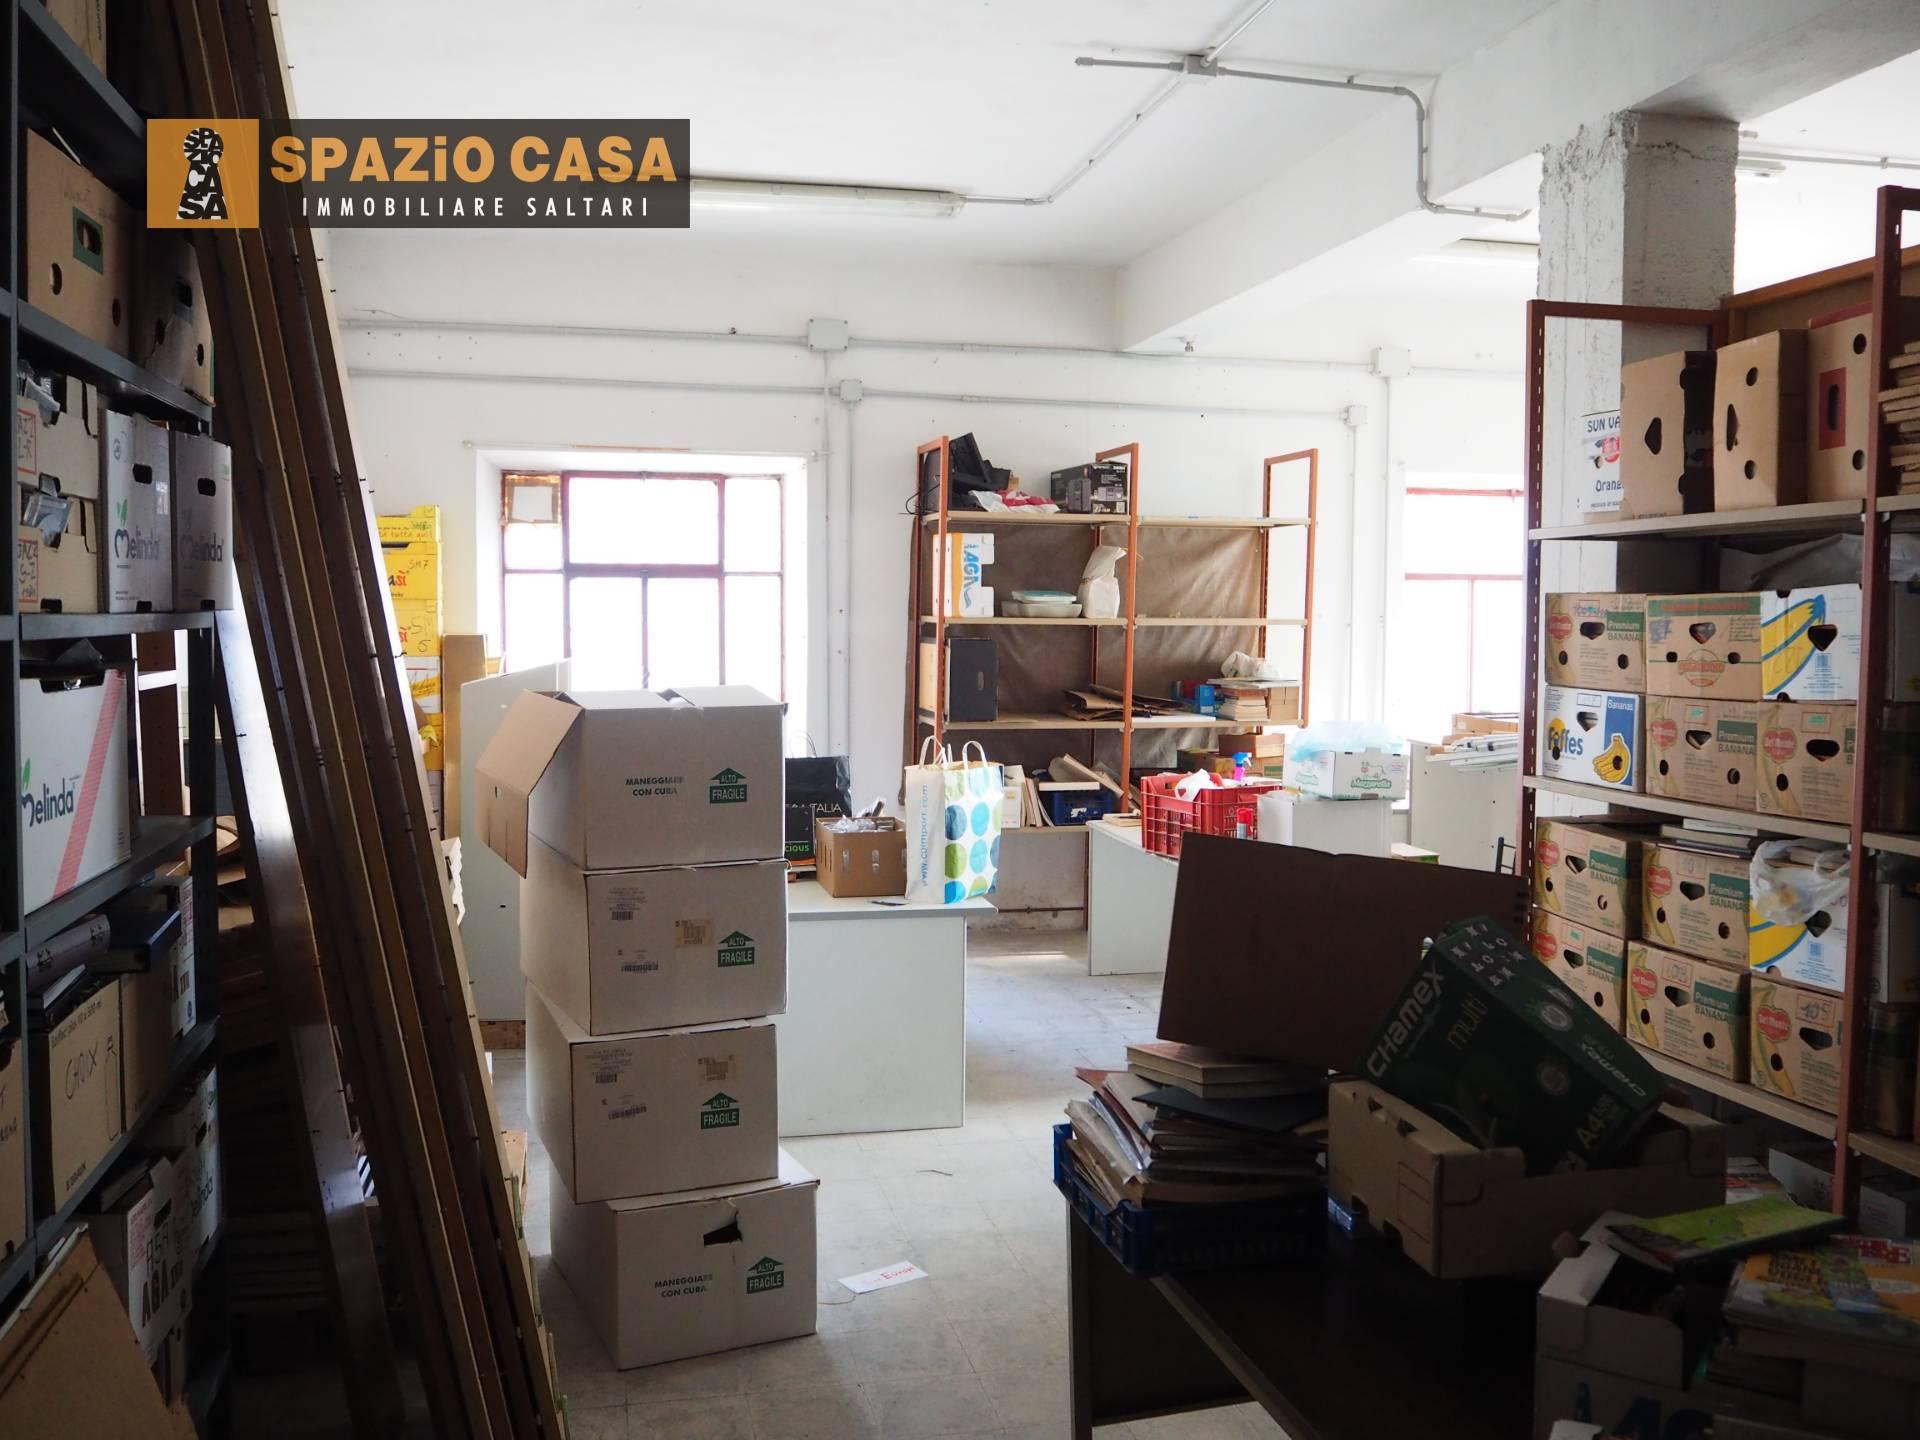 Appartamento in vendita a Morrovalle, 1 locali, zona Zona: Trodica, prezzo € 35.000 | CambioCasa.it